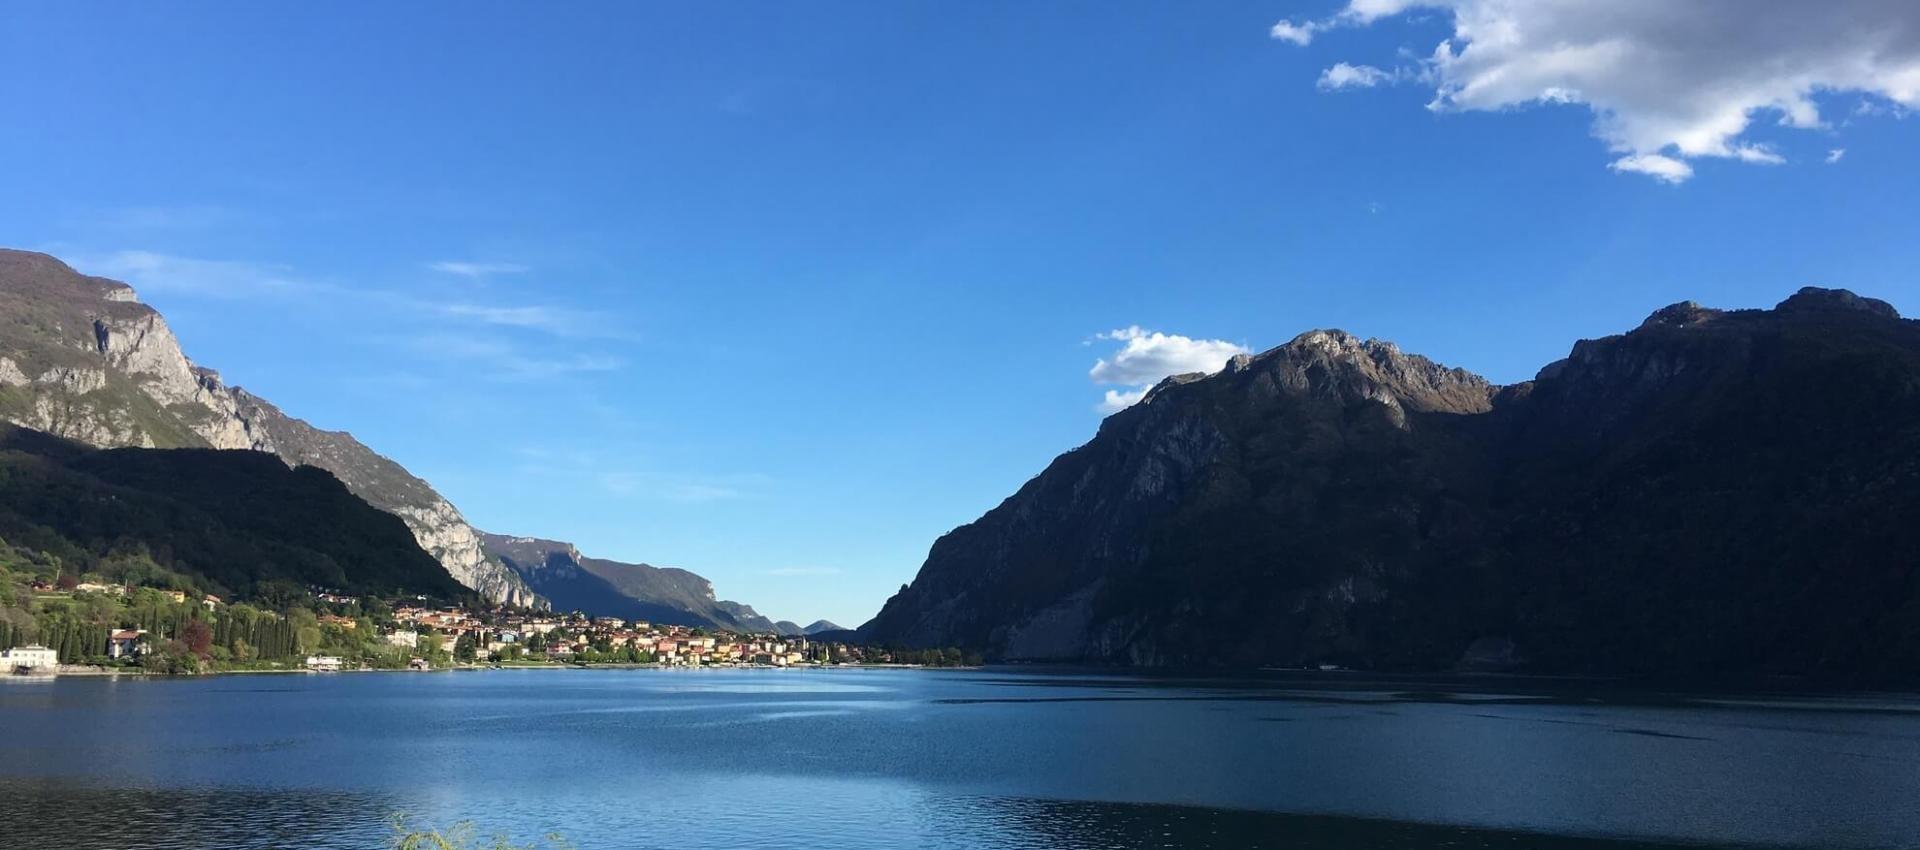 Mandello e il lago di Como: Immagine